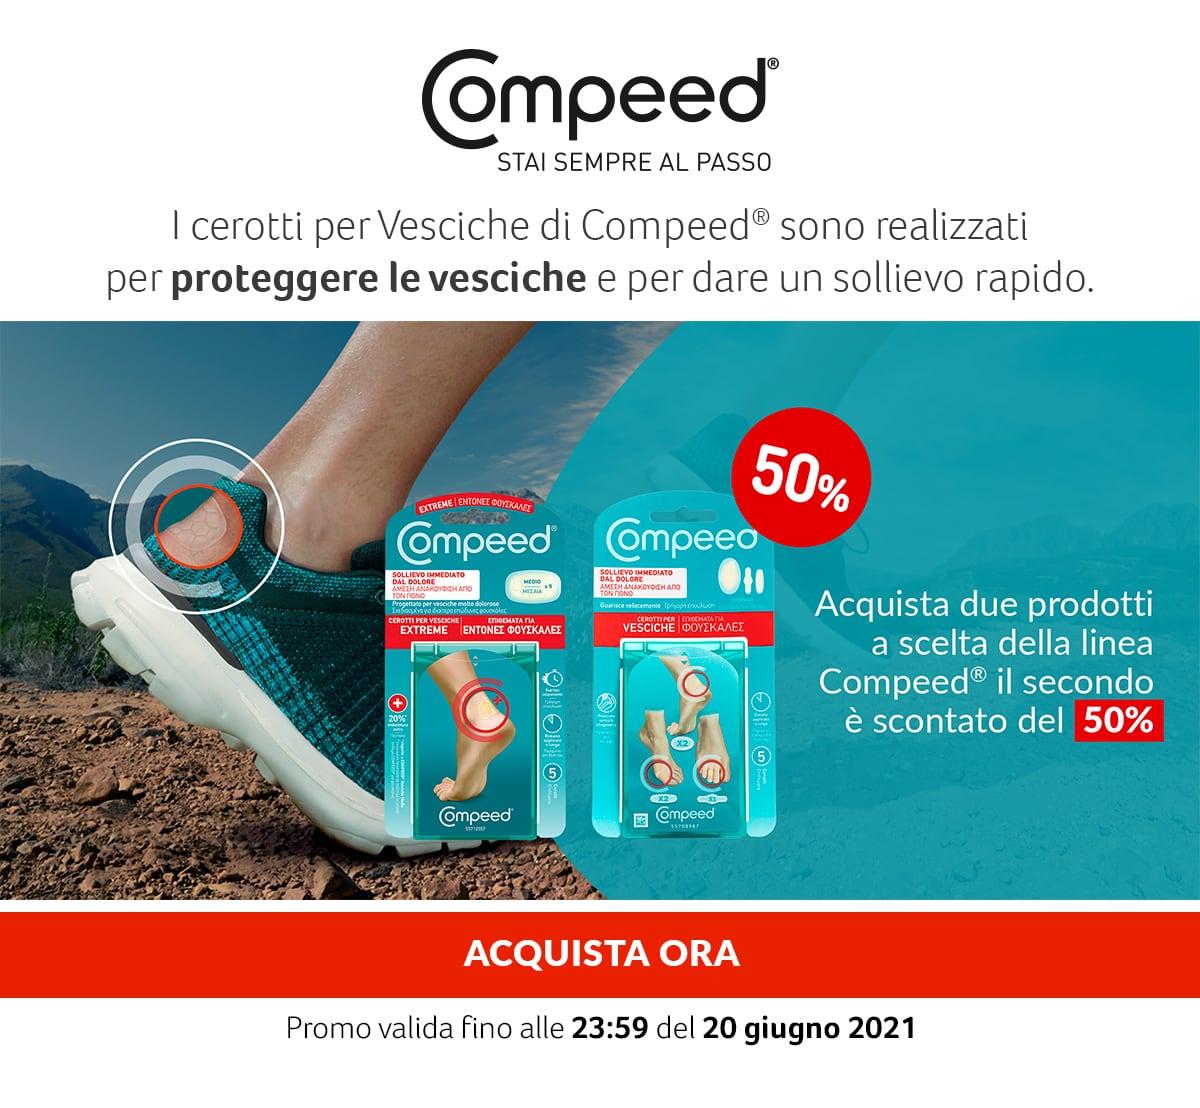 Compeed. -50% sull'acquisto del secondo prodotto